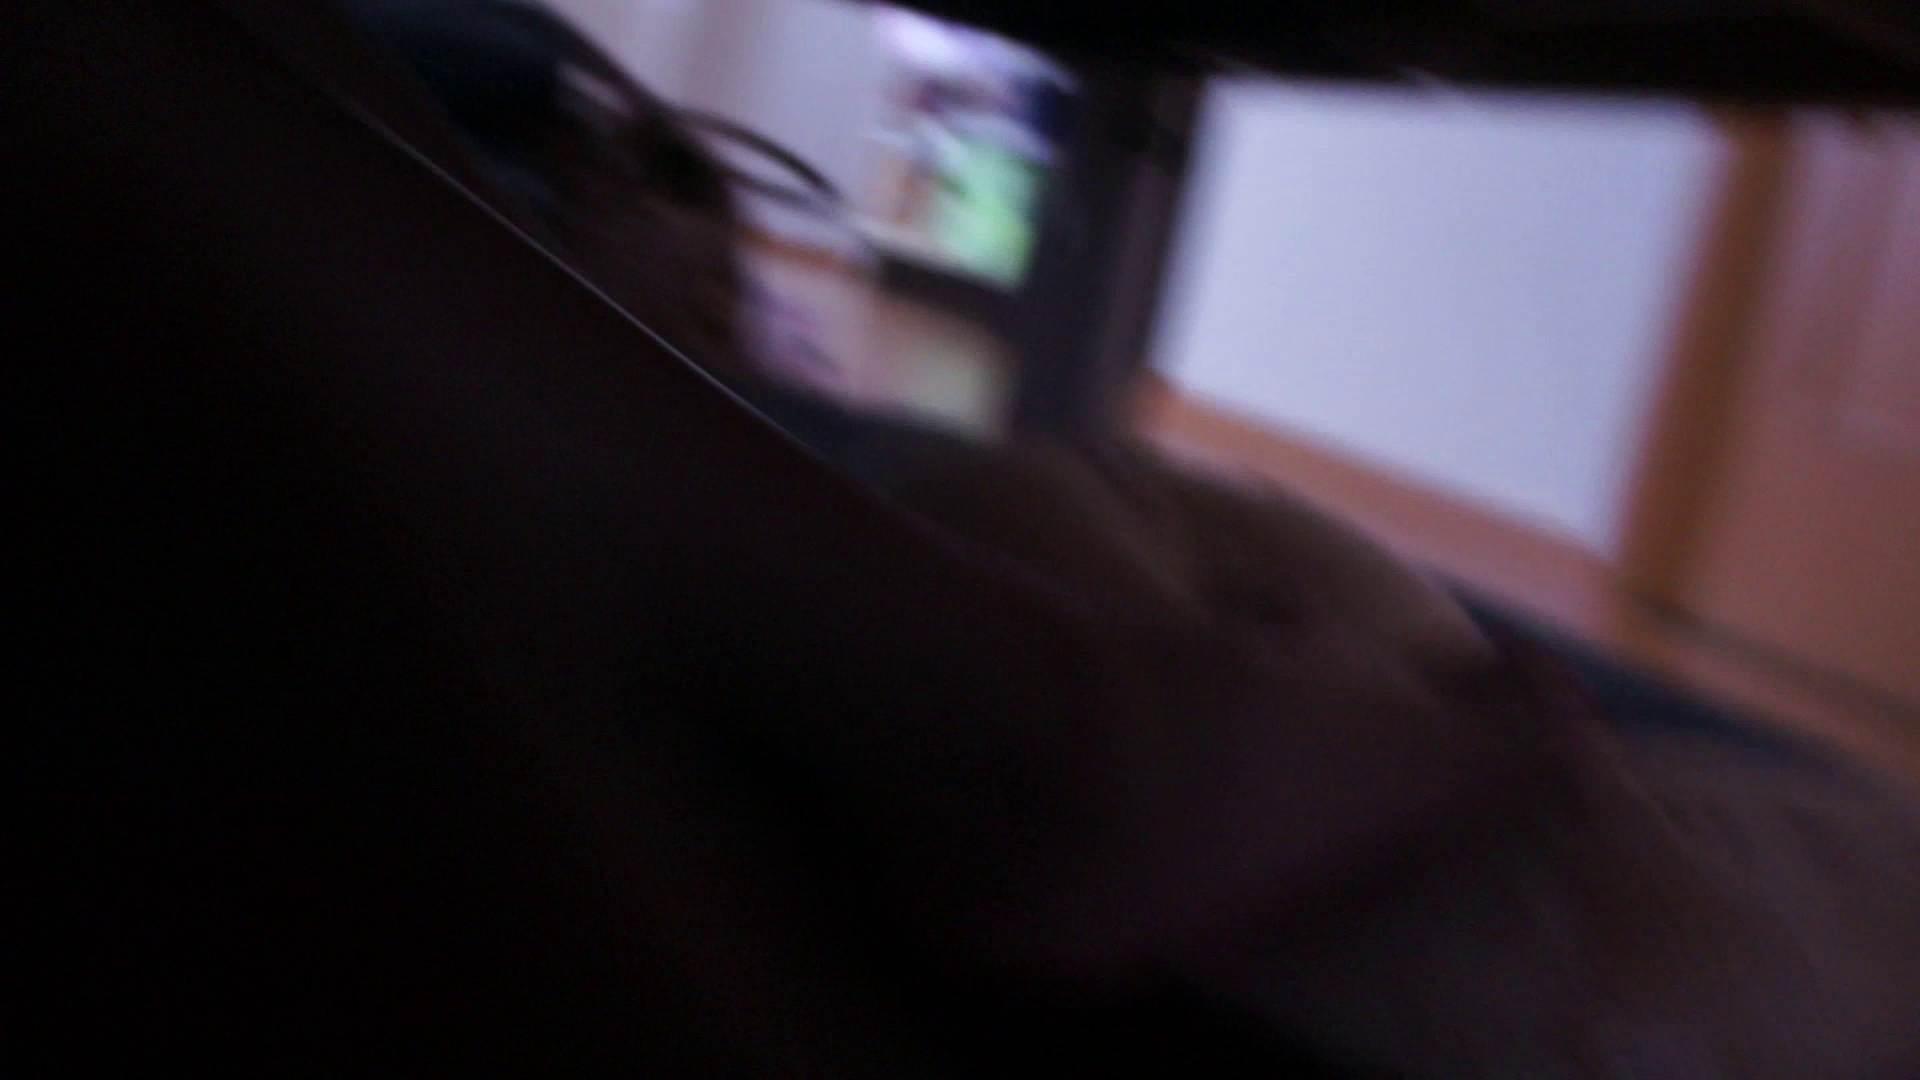 episode1 ヒロトさんと保険外交員との顔合わせ リアル・マンコ AV無料動画キャプチャ 71pic 48